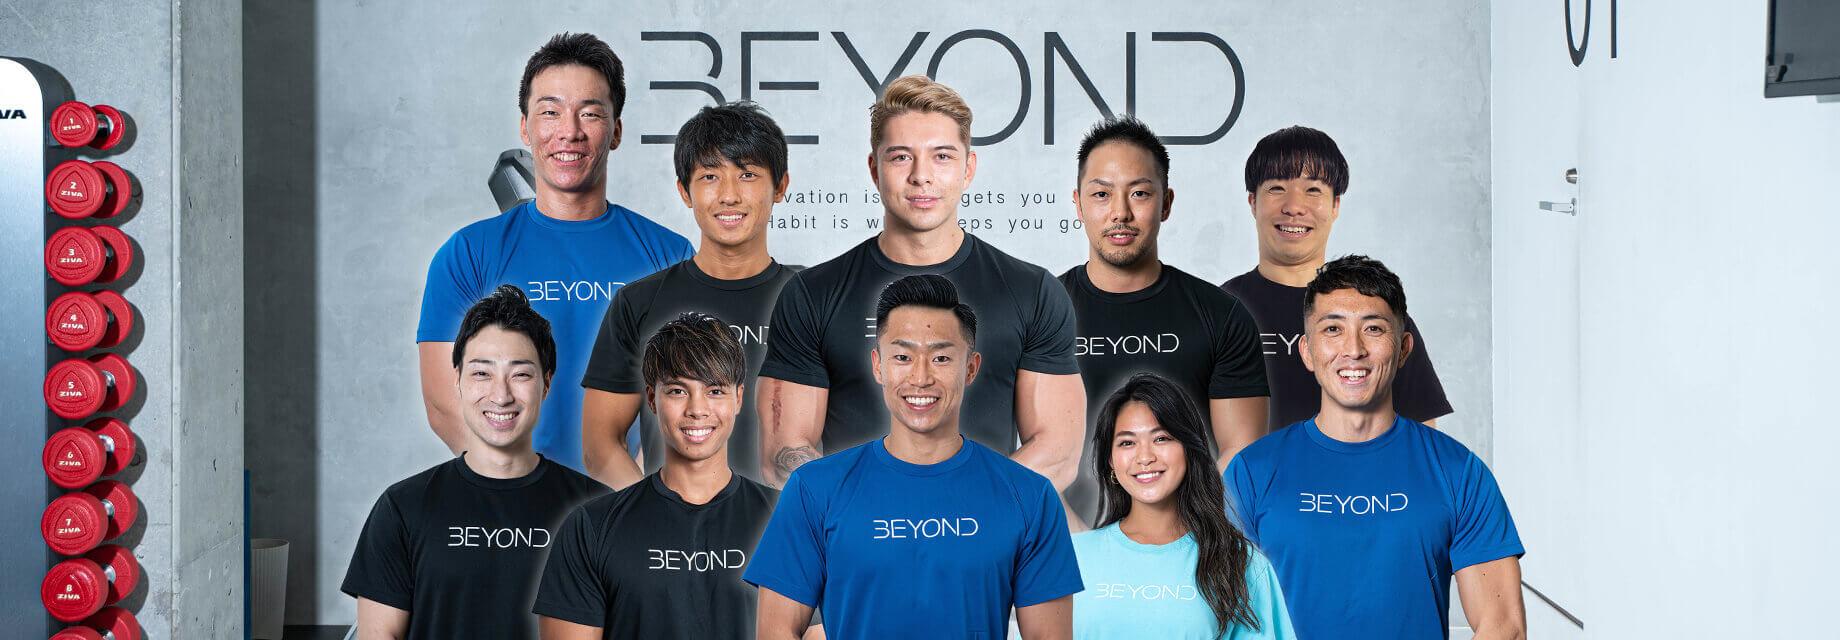 BEYOND-アイキャッチ